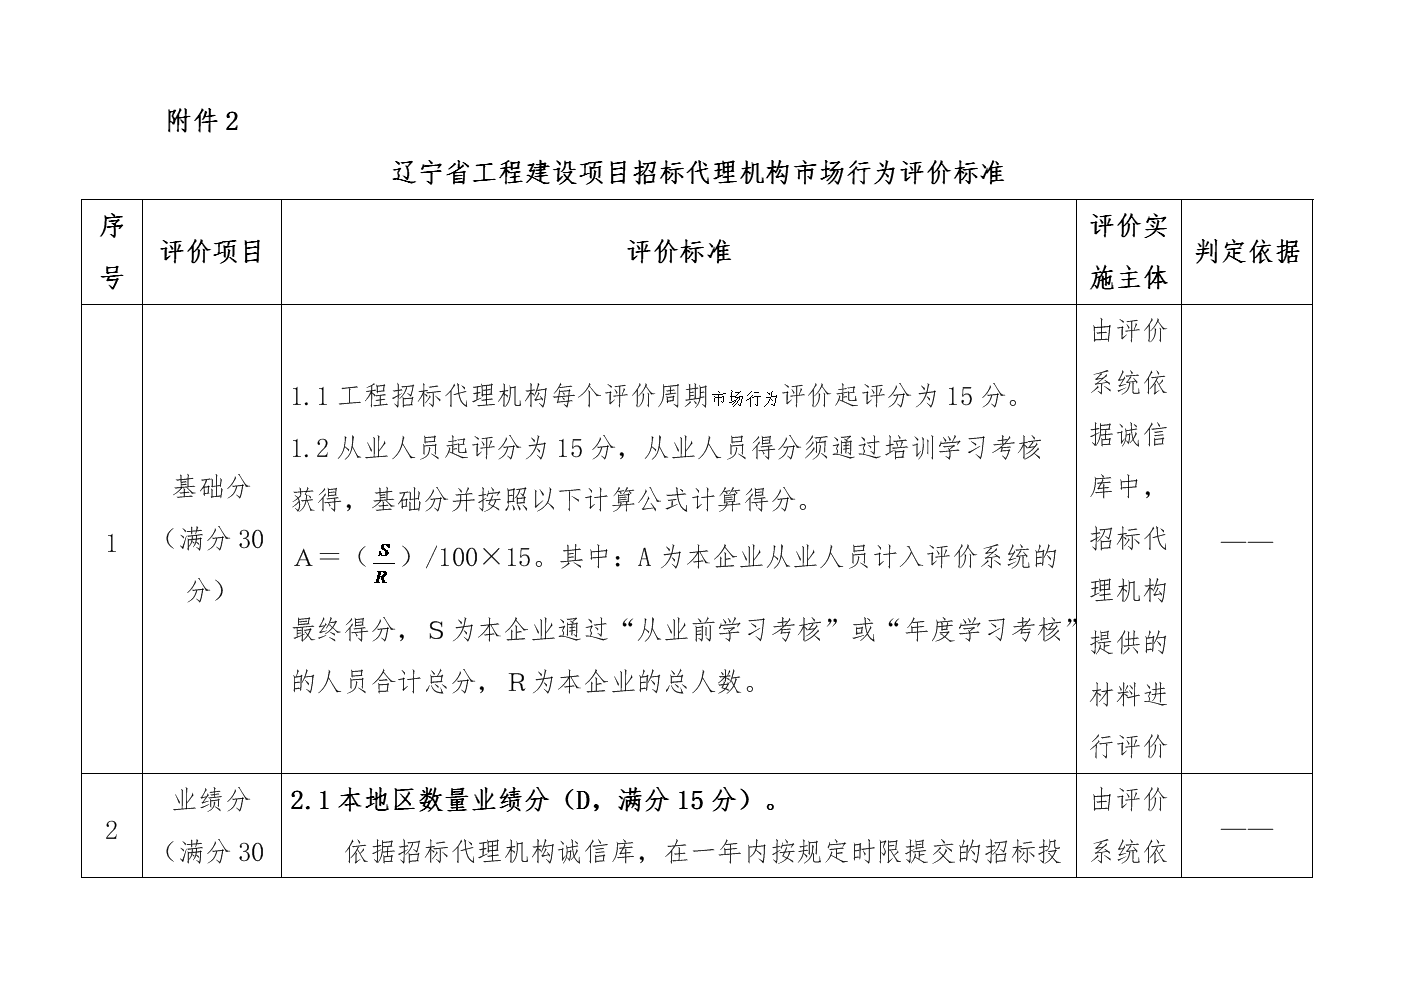 辽宁省工程建设项目招标代理机构市场行为评价标准.docx